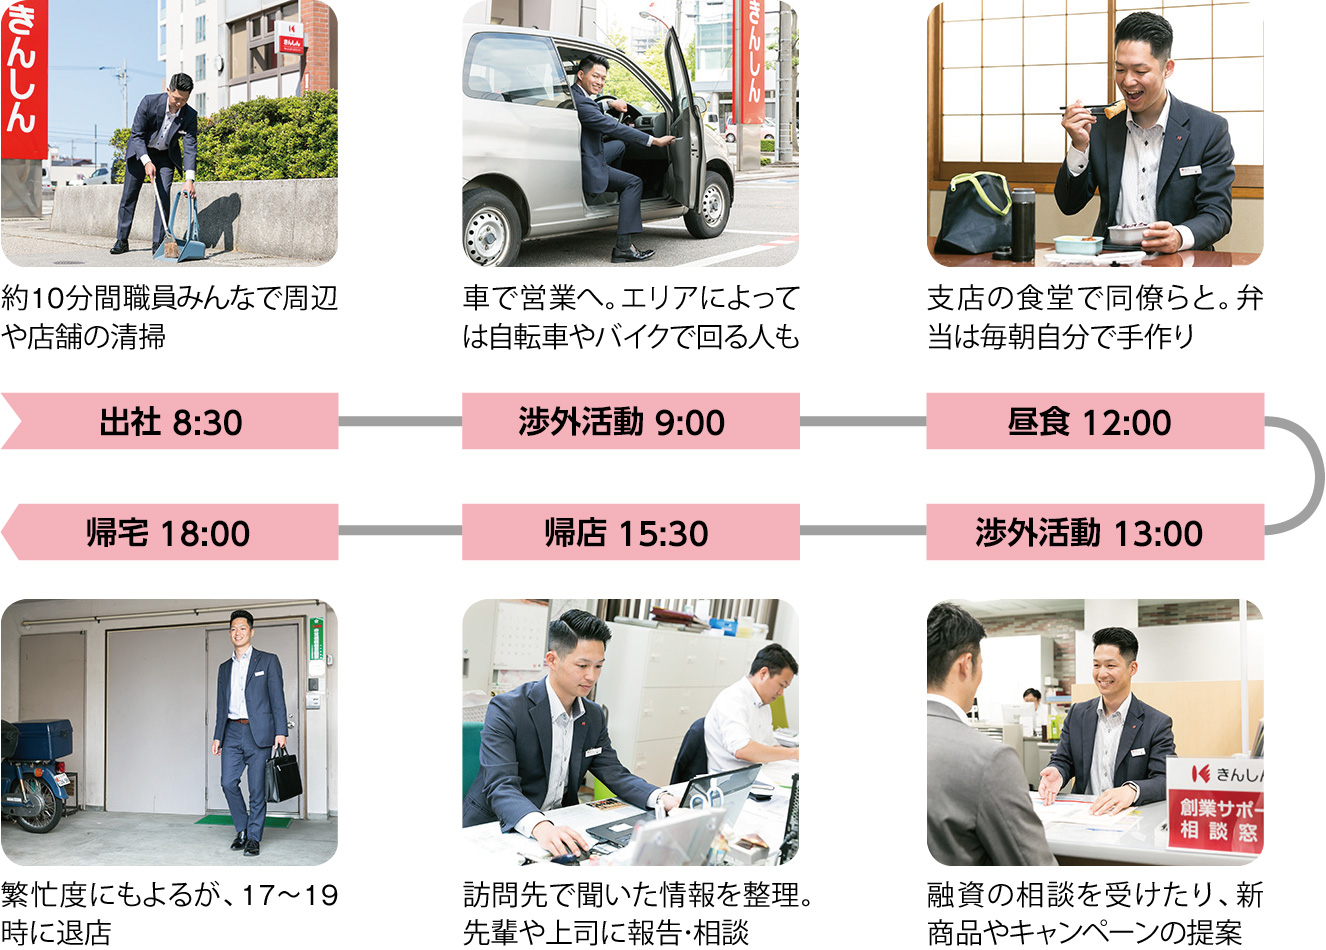 出社 8:30:約10分間職員みんなで周辺や店舗の清掃、渉外活動 9:00:車で営業へ。エリアによっては自転車やバイクで回る人も、昼食 12:00:支店の食堂で同僚らと。弁当は毎朝自分で手作り、渉外活動 13:00:融資の相談を受けたり、新商品やキャンペーンの提案、帰店 15:30:訪問先で聞いた情報を整理。先輩や上司に報告・相談、帰宅 18:00:繁忙度にもよるが、17~19時に退店